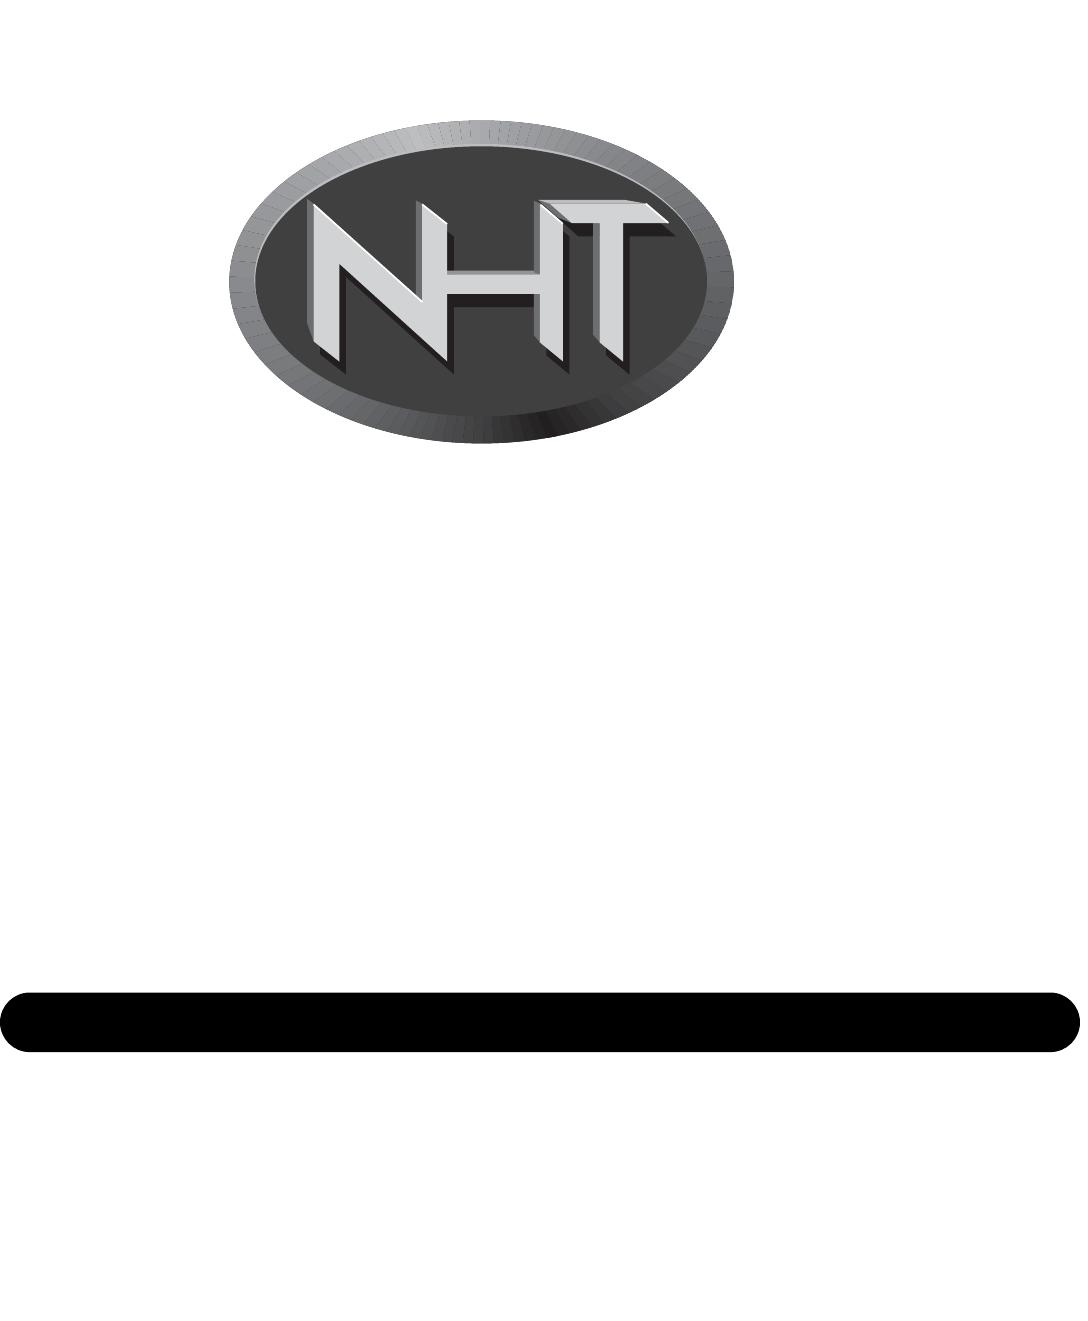 nht speaker sa 2 user guide manualsonline com rh audio manualsonline com Nht Classic 3 Nht 1